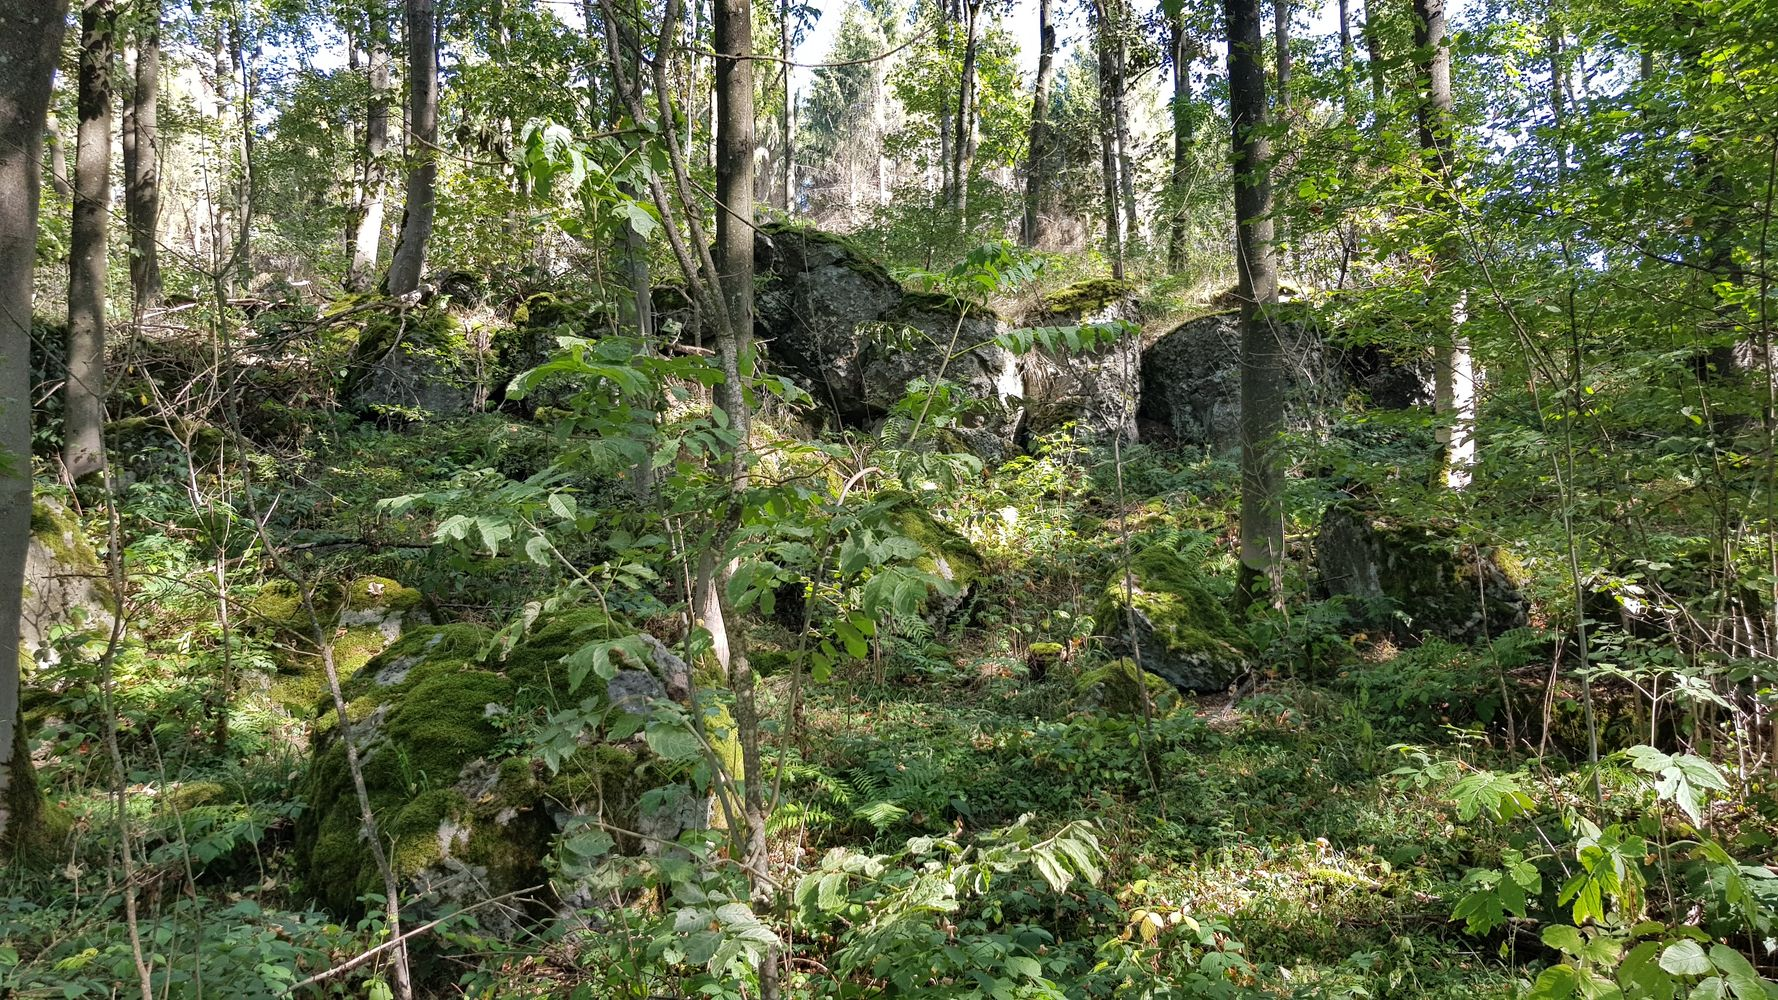 Basaltkuppe am Beilstein in der Nähe von Seck - entstanden vor ca. 28 Millionen Jahren durch Vulkanismus